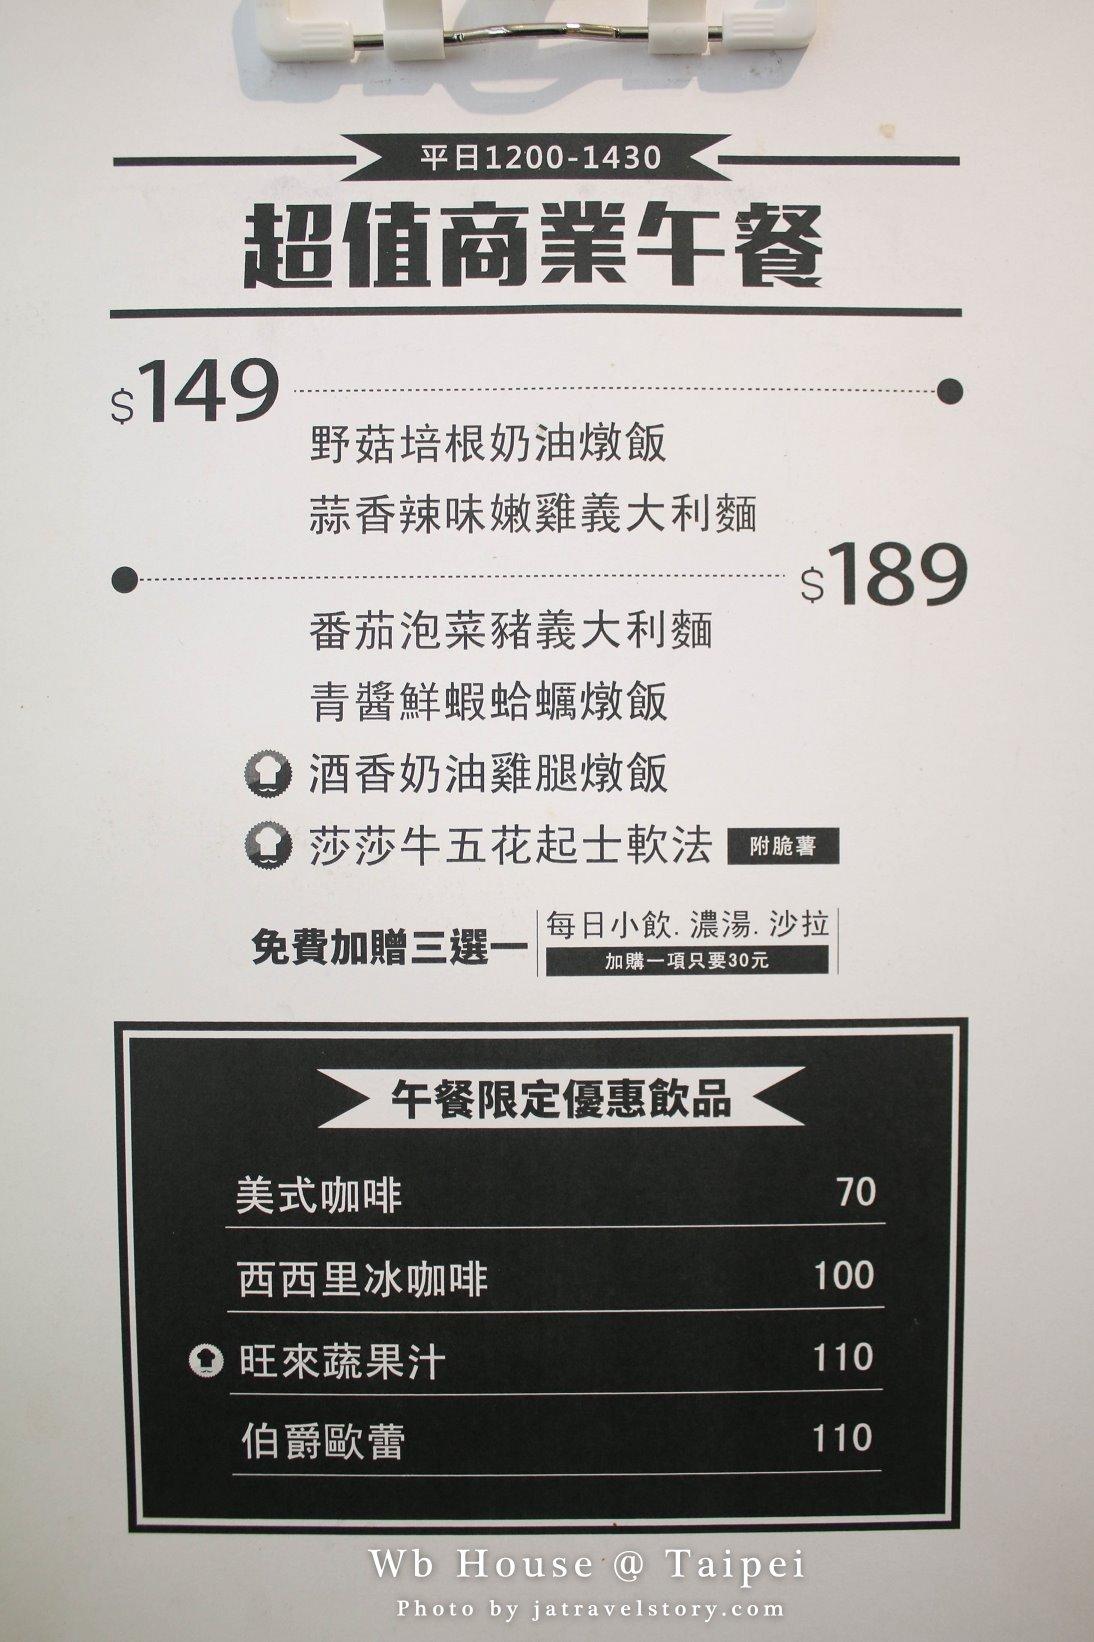 威布好食 平價又有花牆適合IG打卡的早午餐店!【捷運忠孝復興】東區美食/東區聚餐餐廳 @J&A的旅行